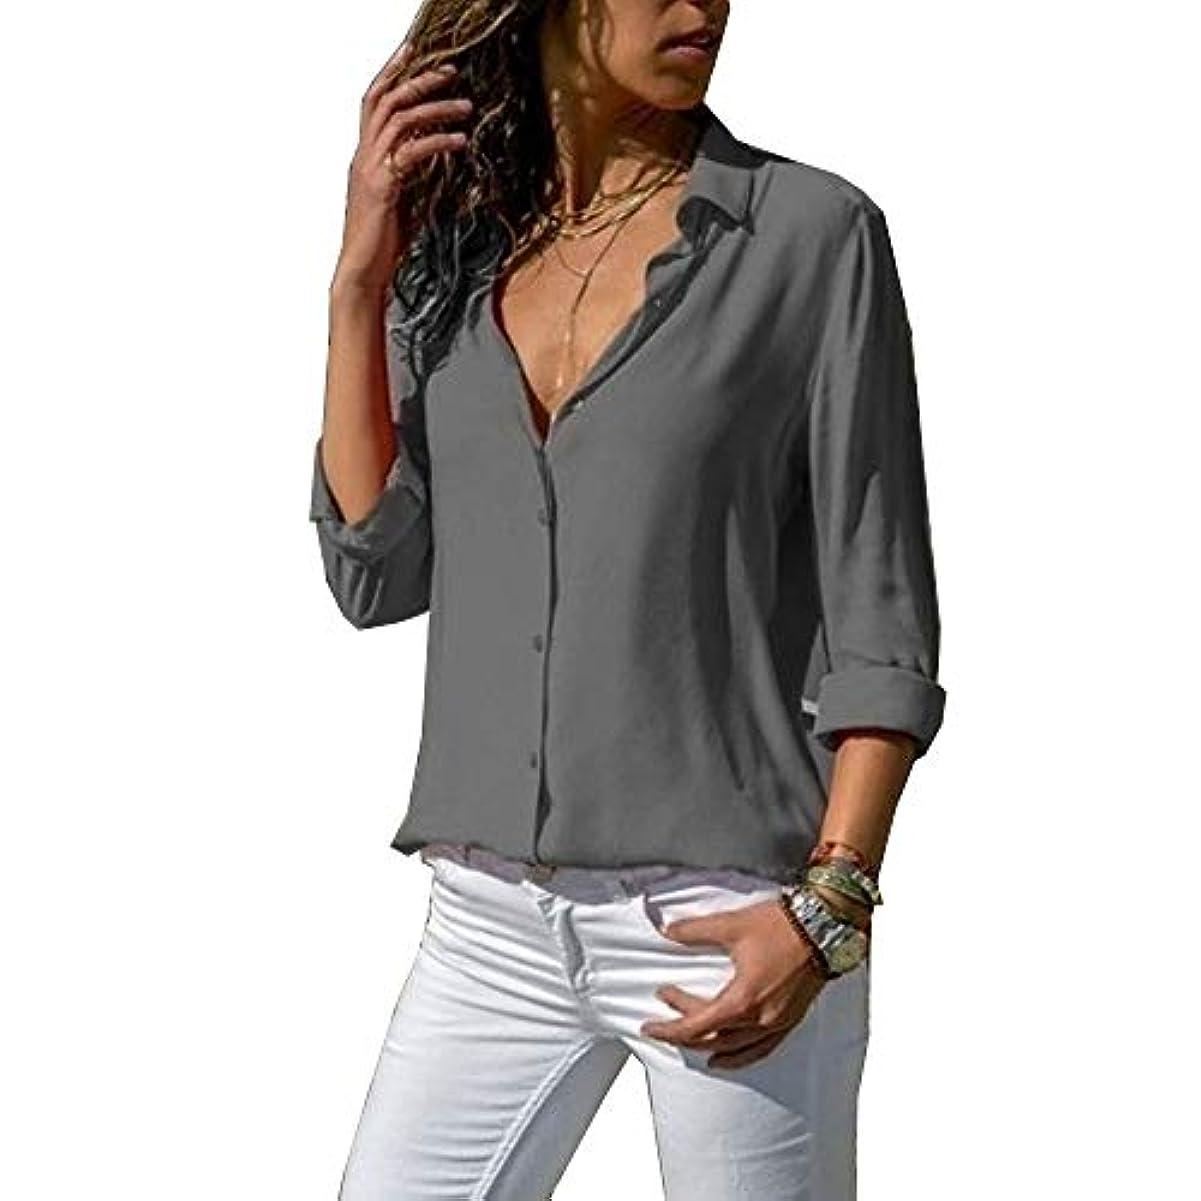 マトリックス竜巻より平らなMIFAN ルーズシャツ、トップス&Tシャツ、プラスサイズ、トップス&ブラウス、シフォンブラウス、女性トップス、シフォンシャツ